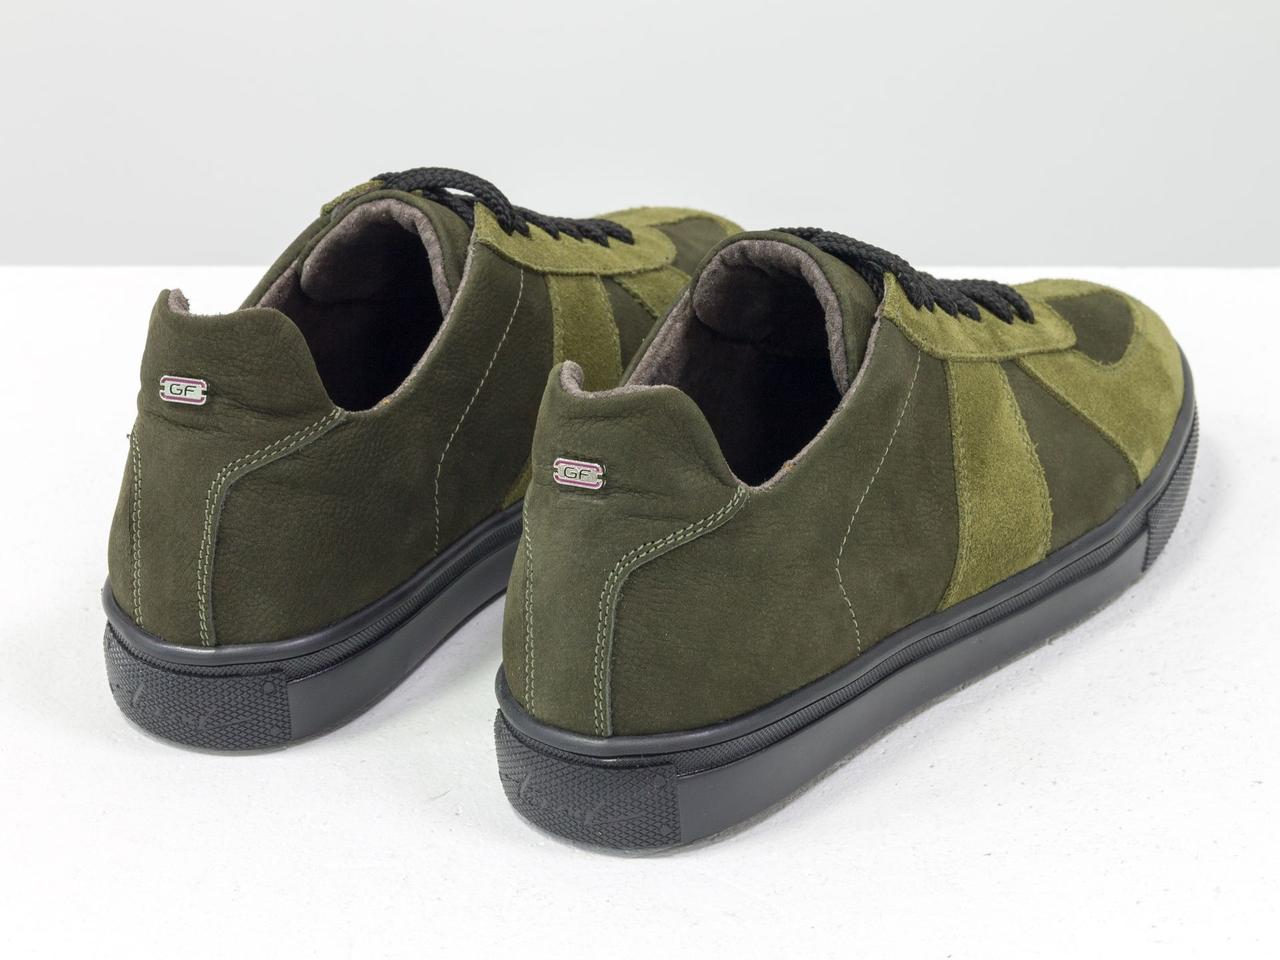 Стильные кроссовки из натуральной замши и матовой кожи оливкового и болотного цвета - фото 5